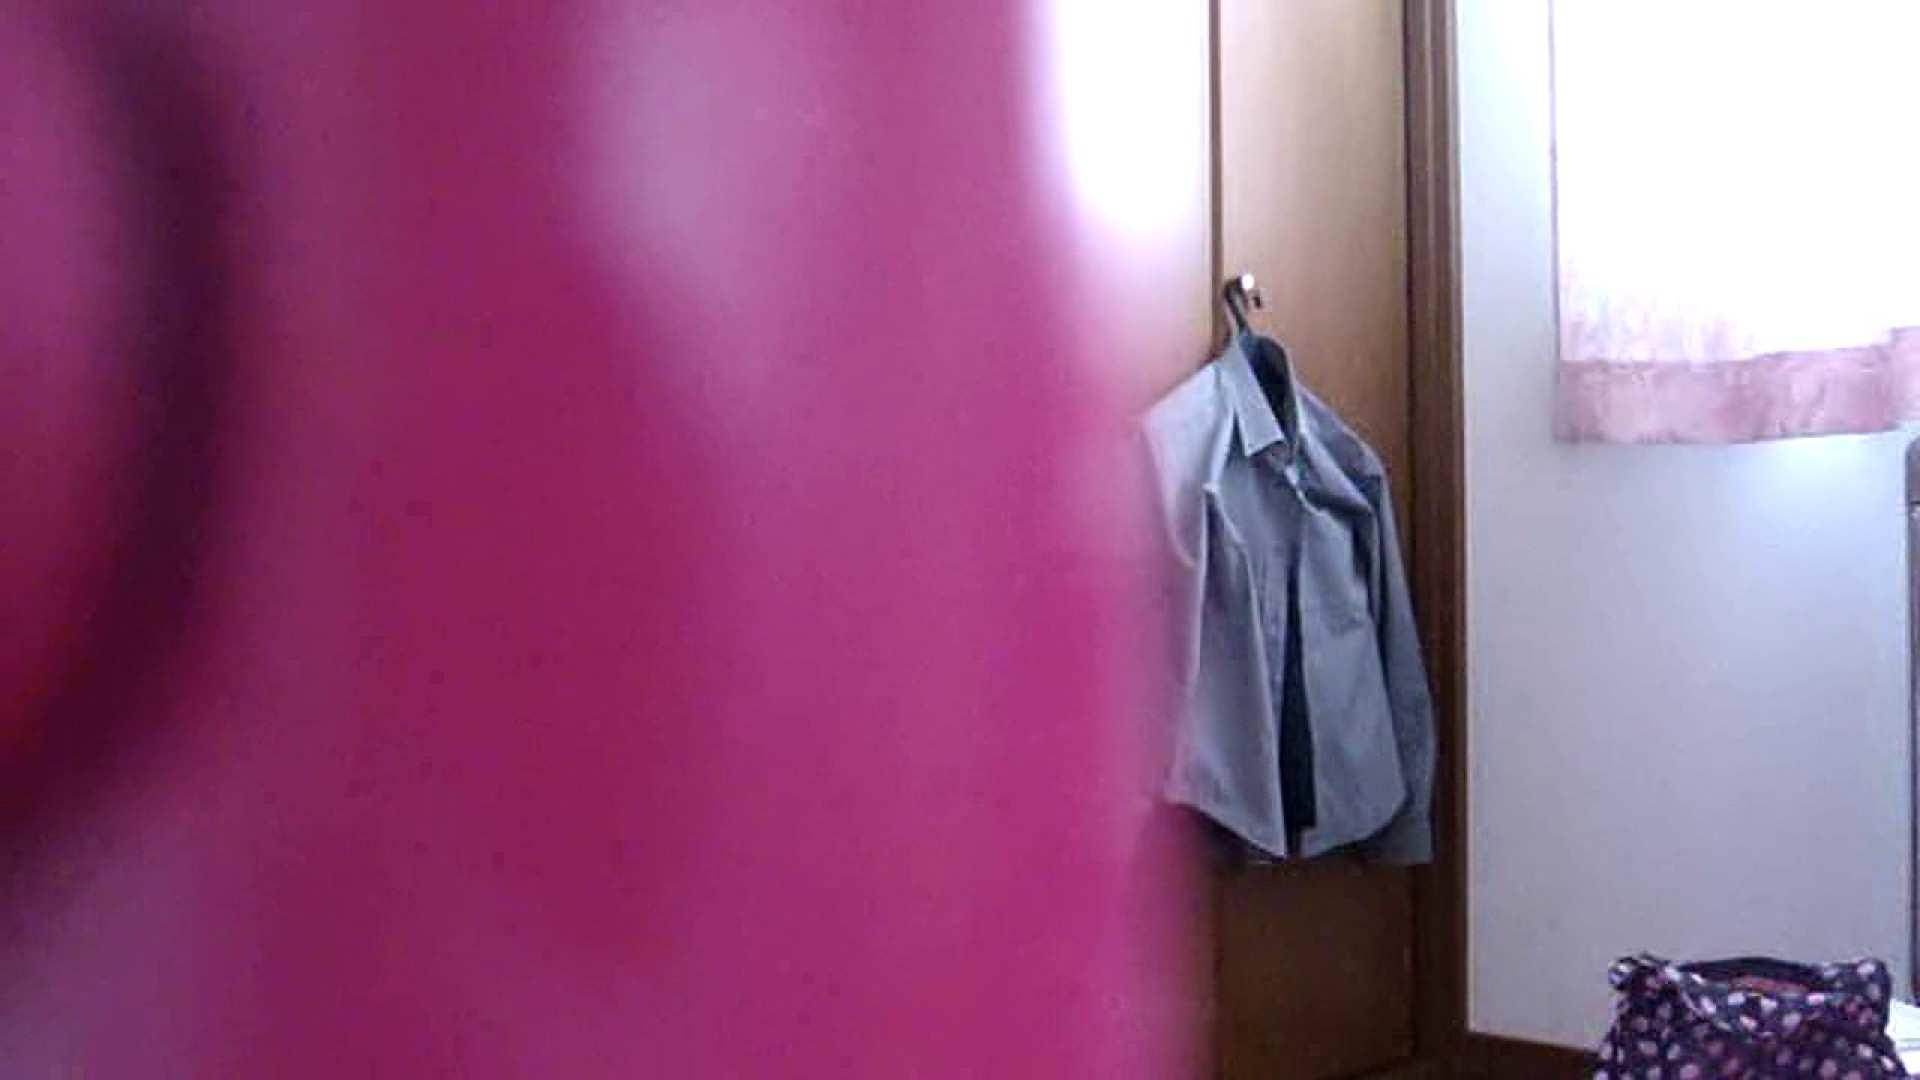 Vol.01 葵のいつもと変わらぬ朝の日常をご覧ください。 巨乳編 | 0  110PIX 63